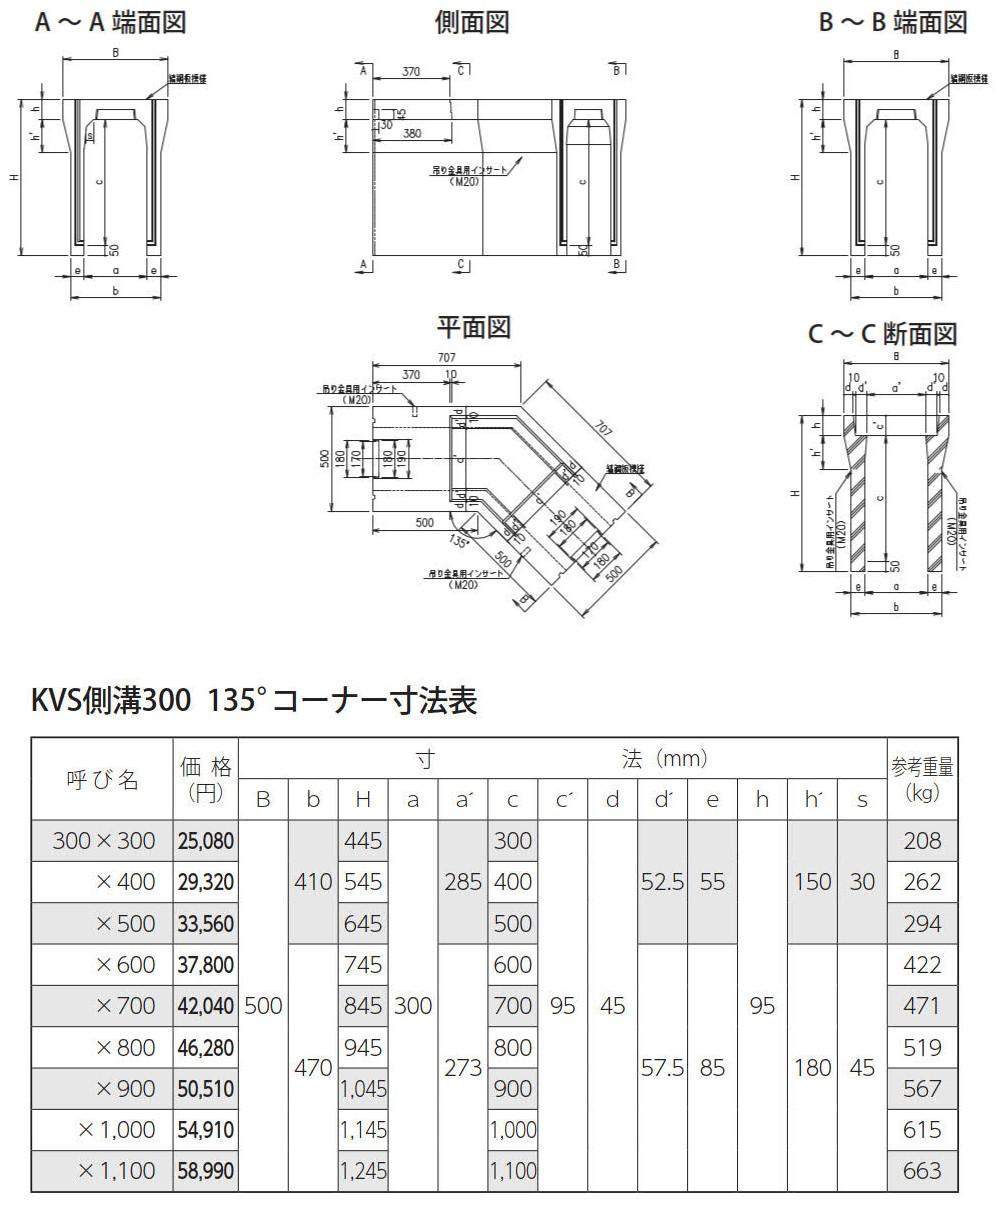 オリジナル側溝|自由勾配側溝(KVS側溝)土留、90°/135°コーナー、蓋 外形寸法 2